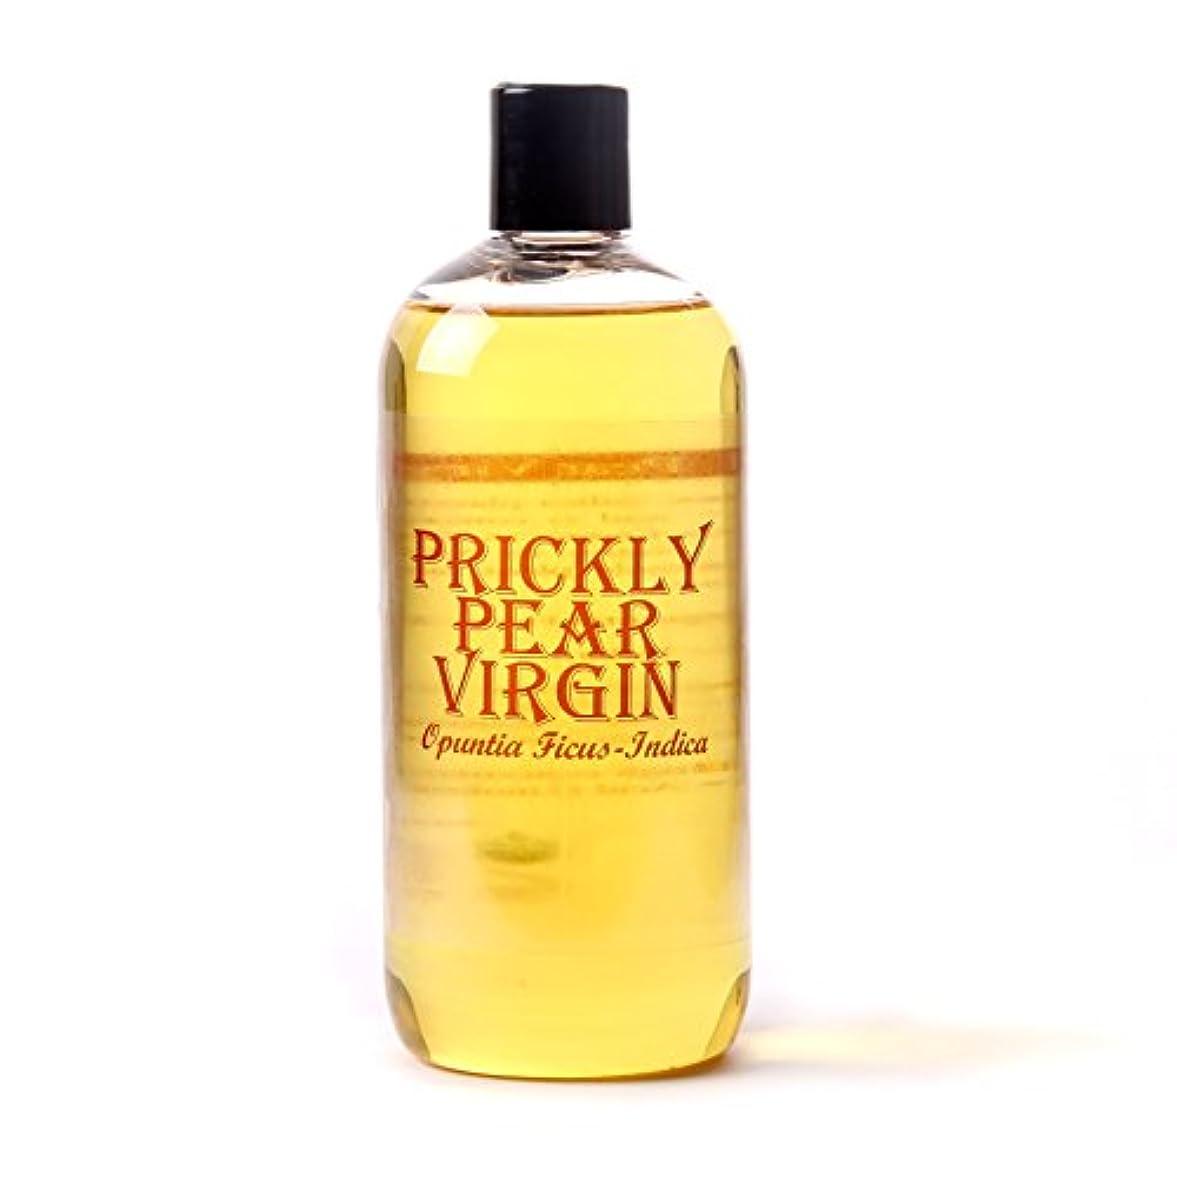 乏しい食料品店たまにPrickly Pear Virgin Carrier Oil - 100% Pure - 1 Litre